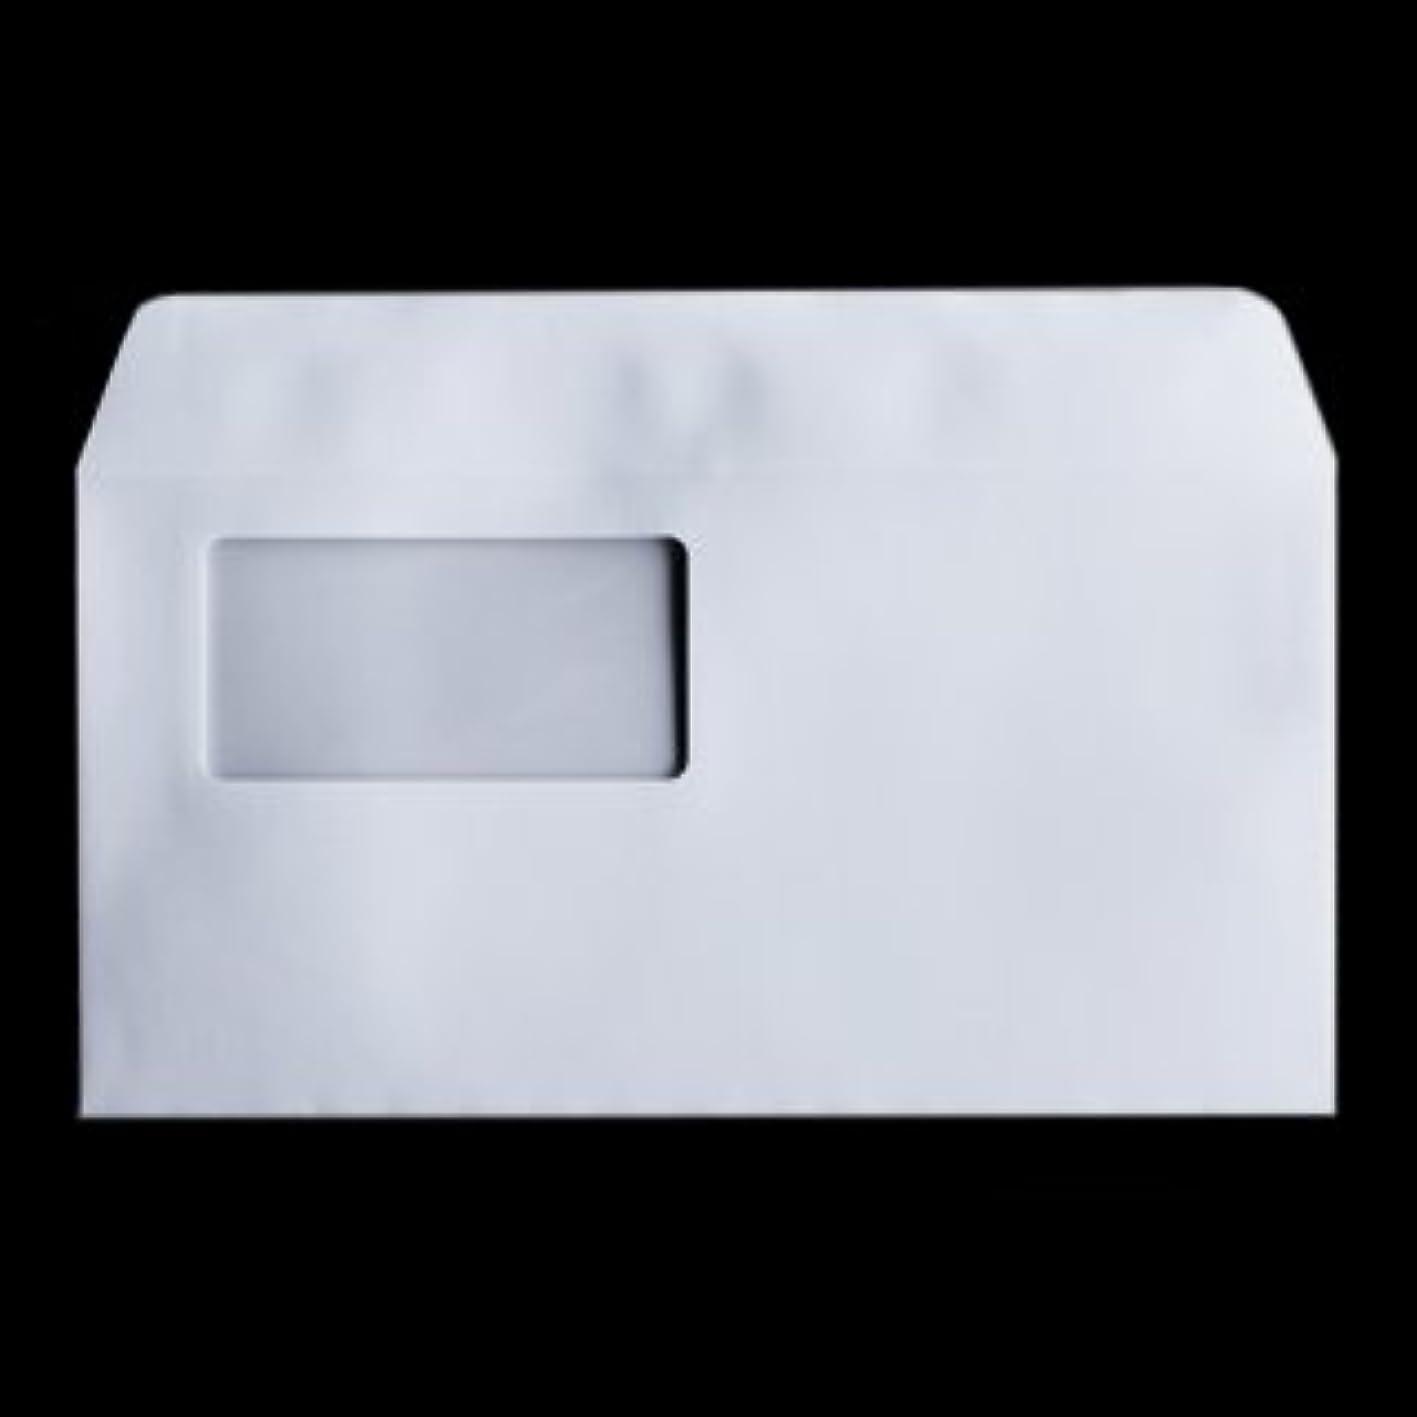 憂鬱大学ボットハート 白封筒 カマス貼 洋長3 窓付封筒45×90mm ケント 100g/m2 枠なし 400枚 yl1323